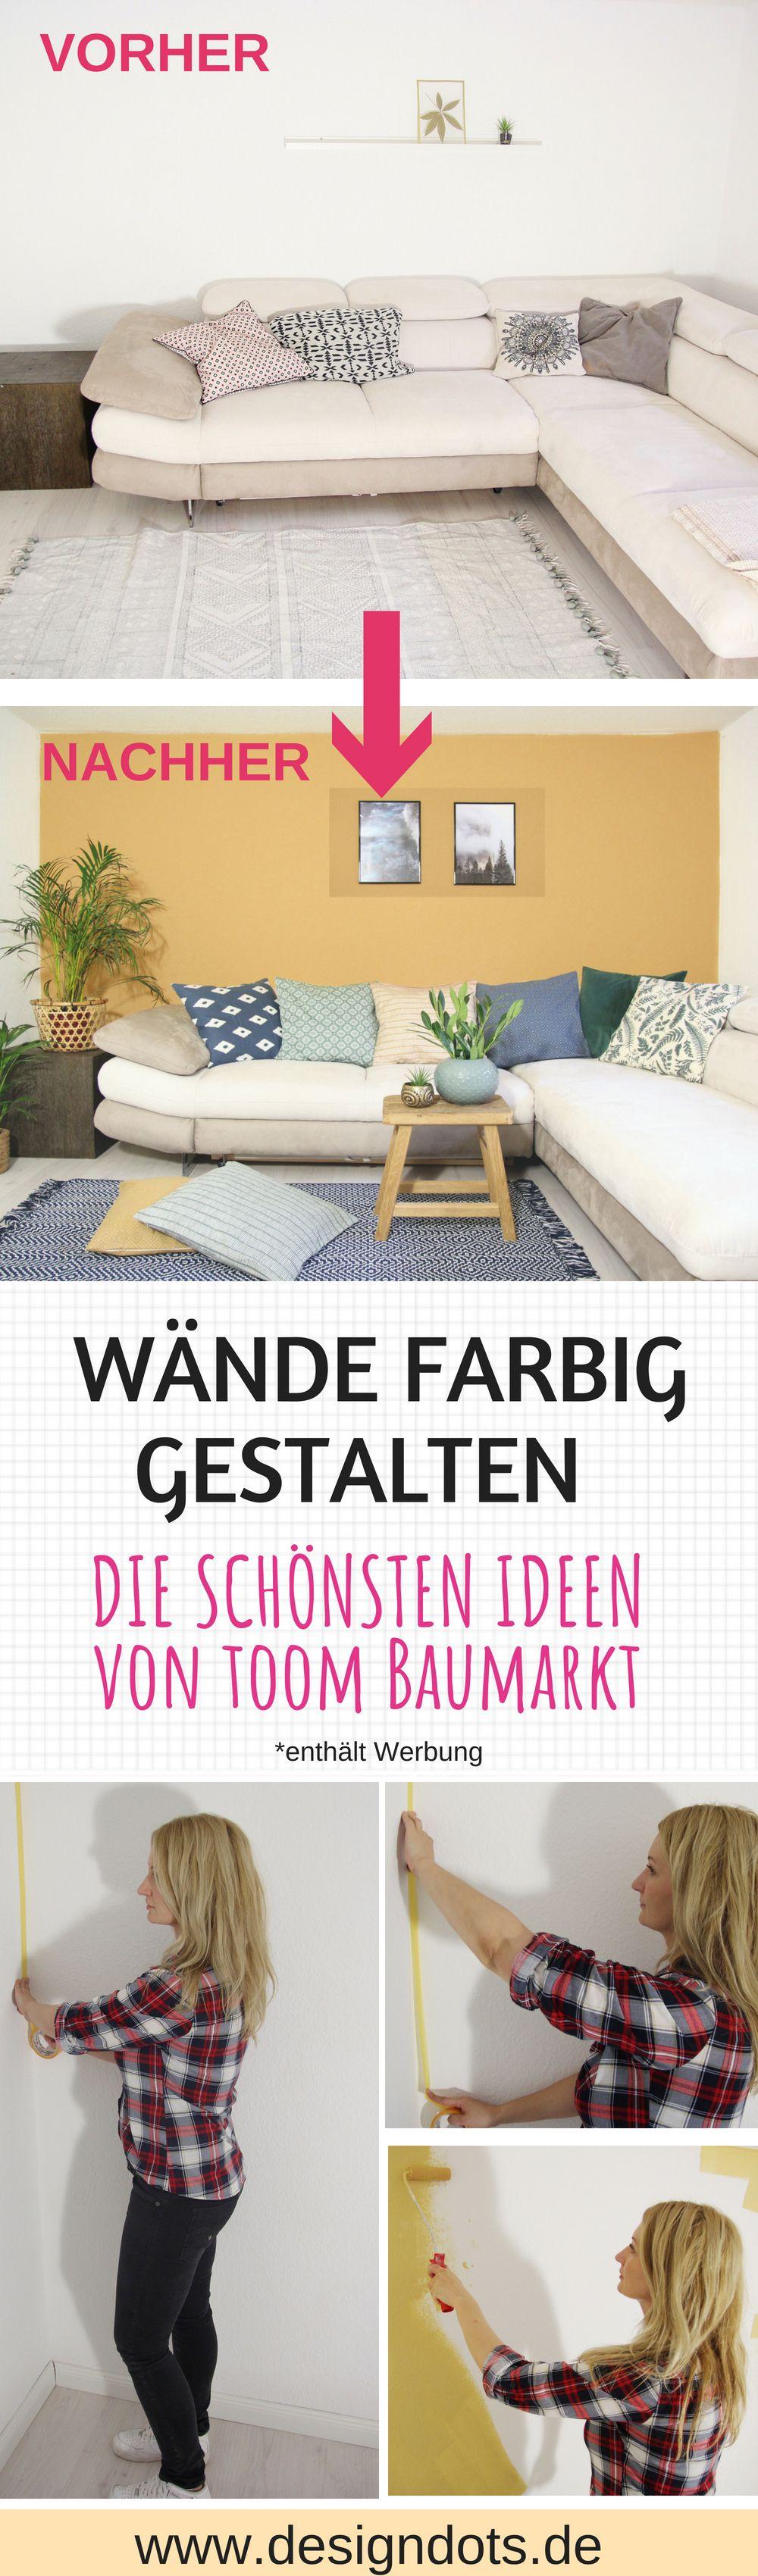 Wande Farbig Gestalten Die Schonsten Ideen Von Toom Baumarkt Design Dots Gestalten Toom Baumarkt Ideen